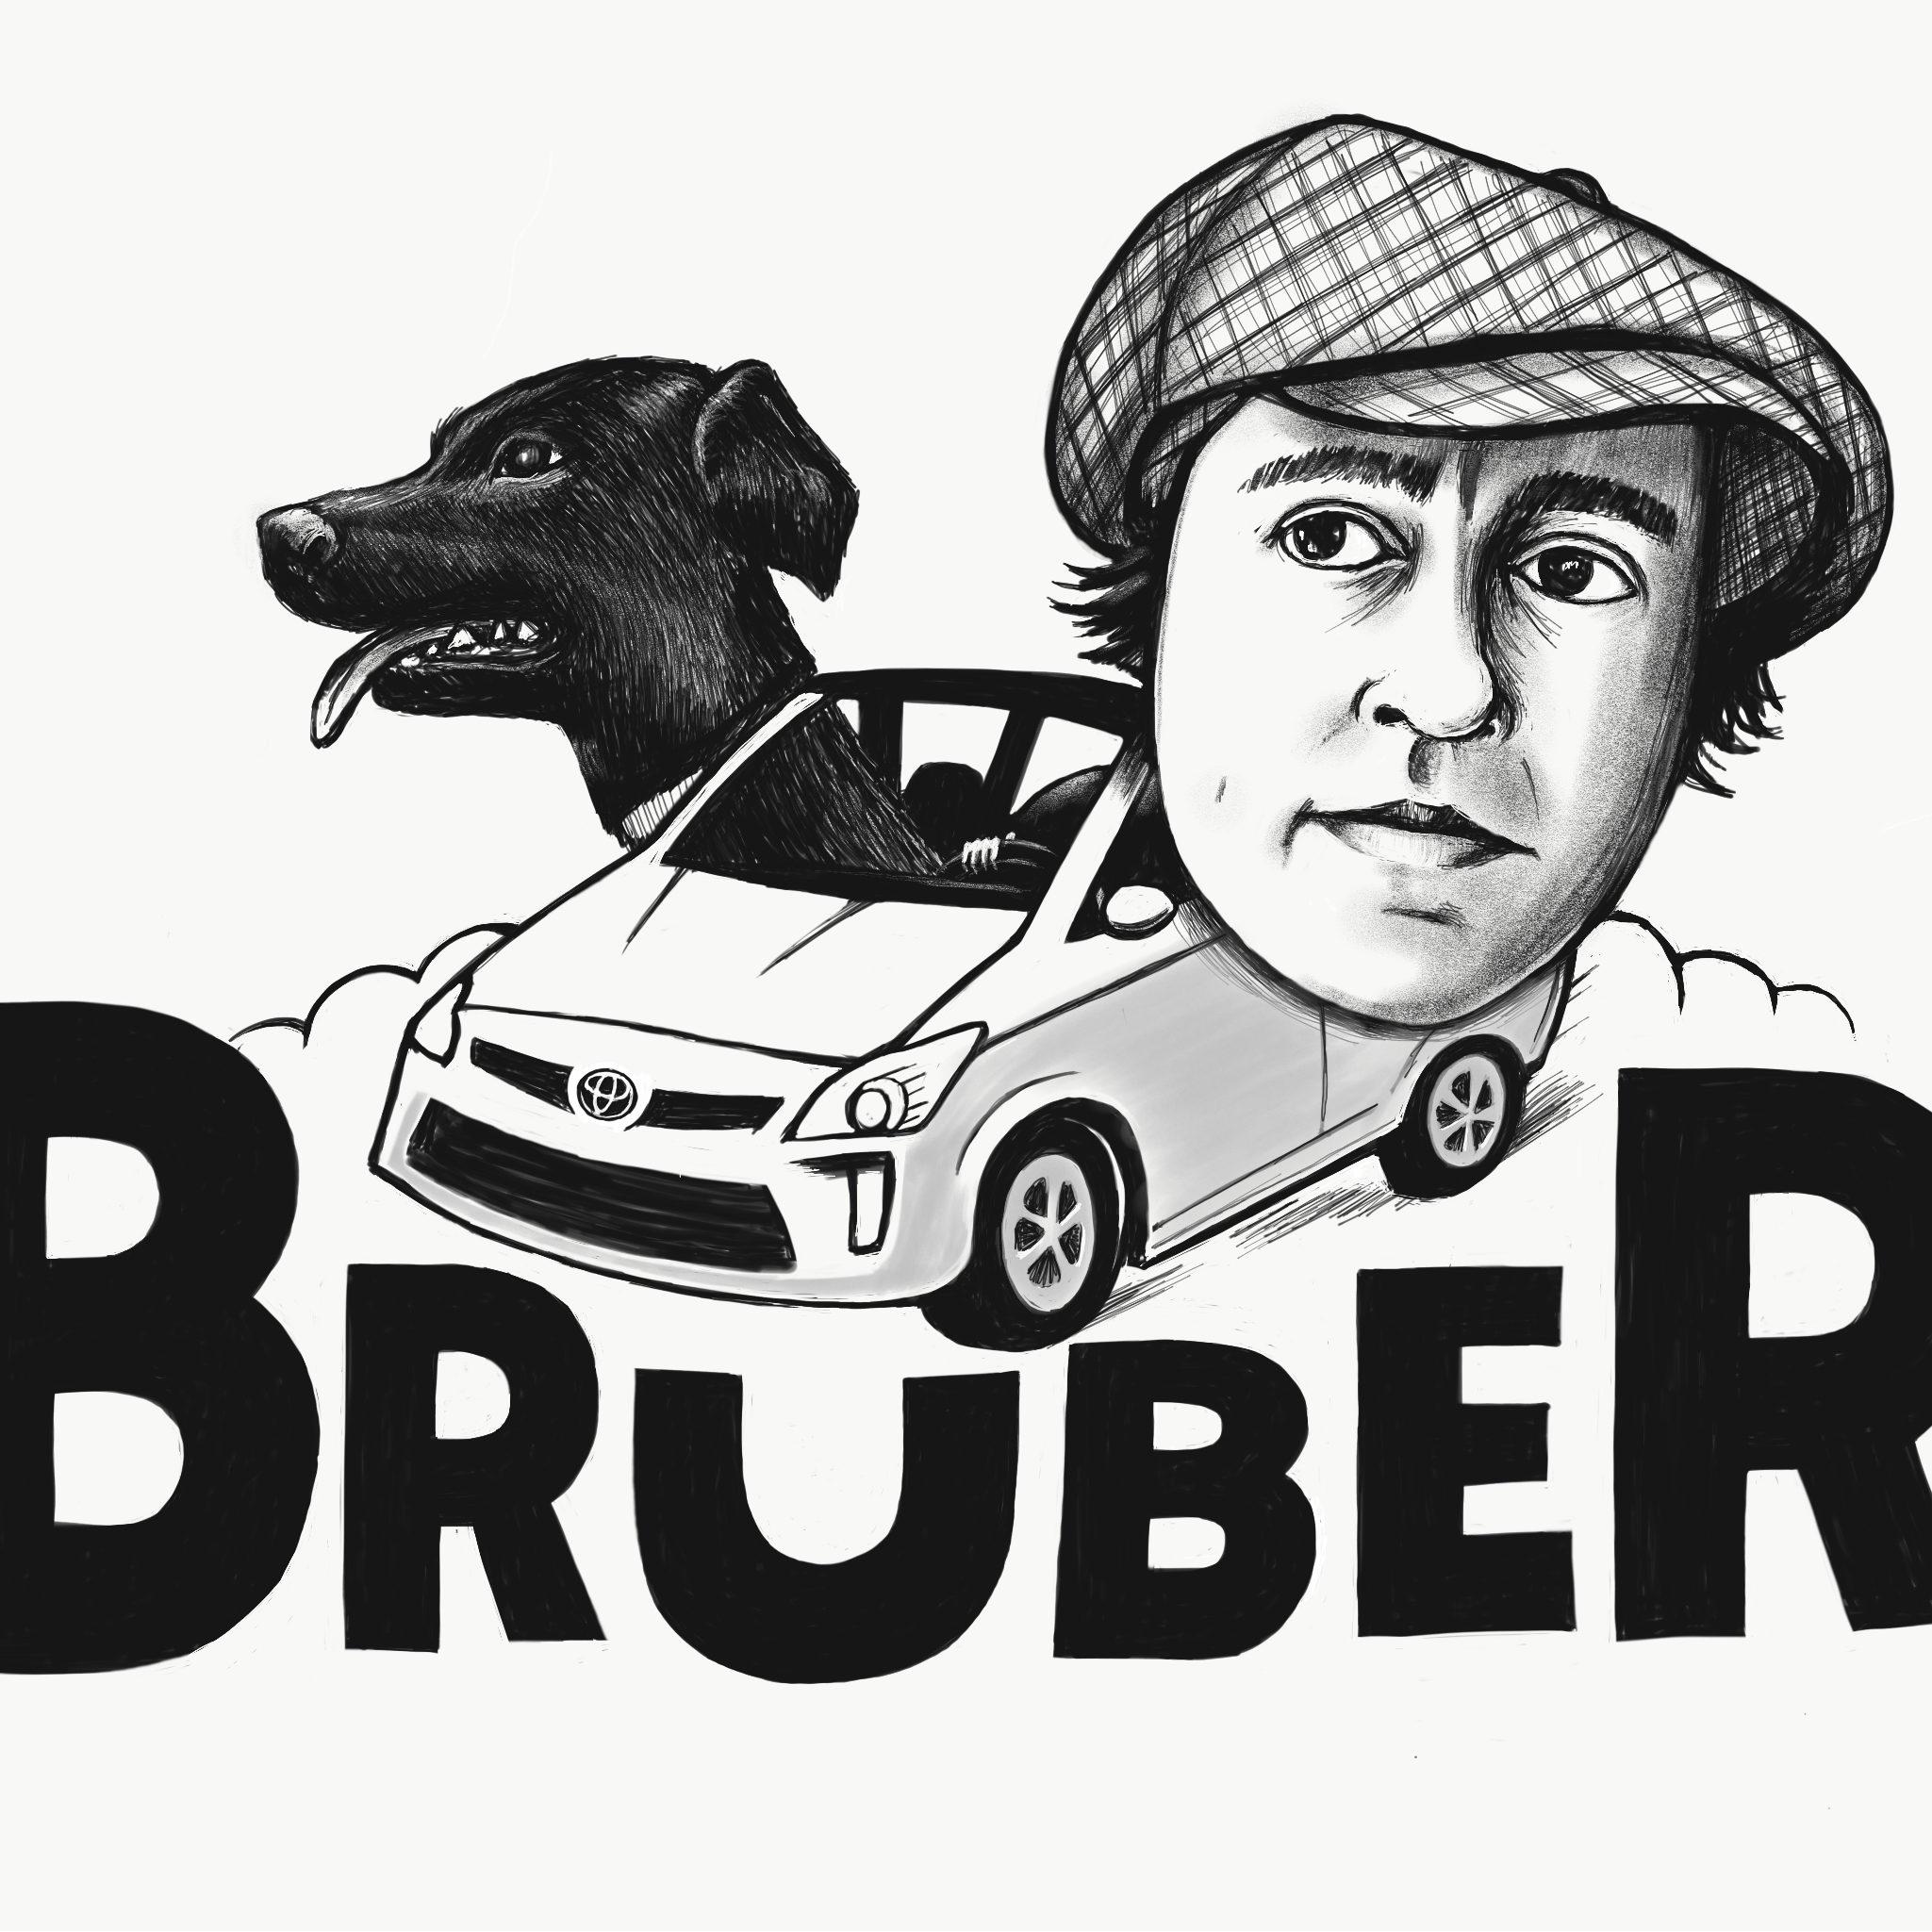 Bruber by Vin Brue